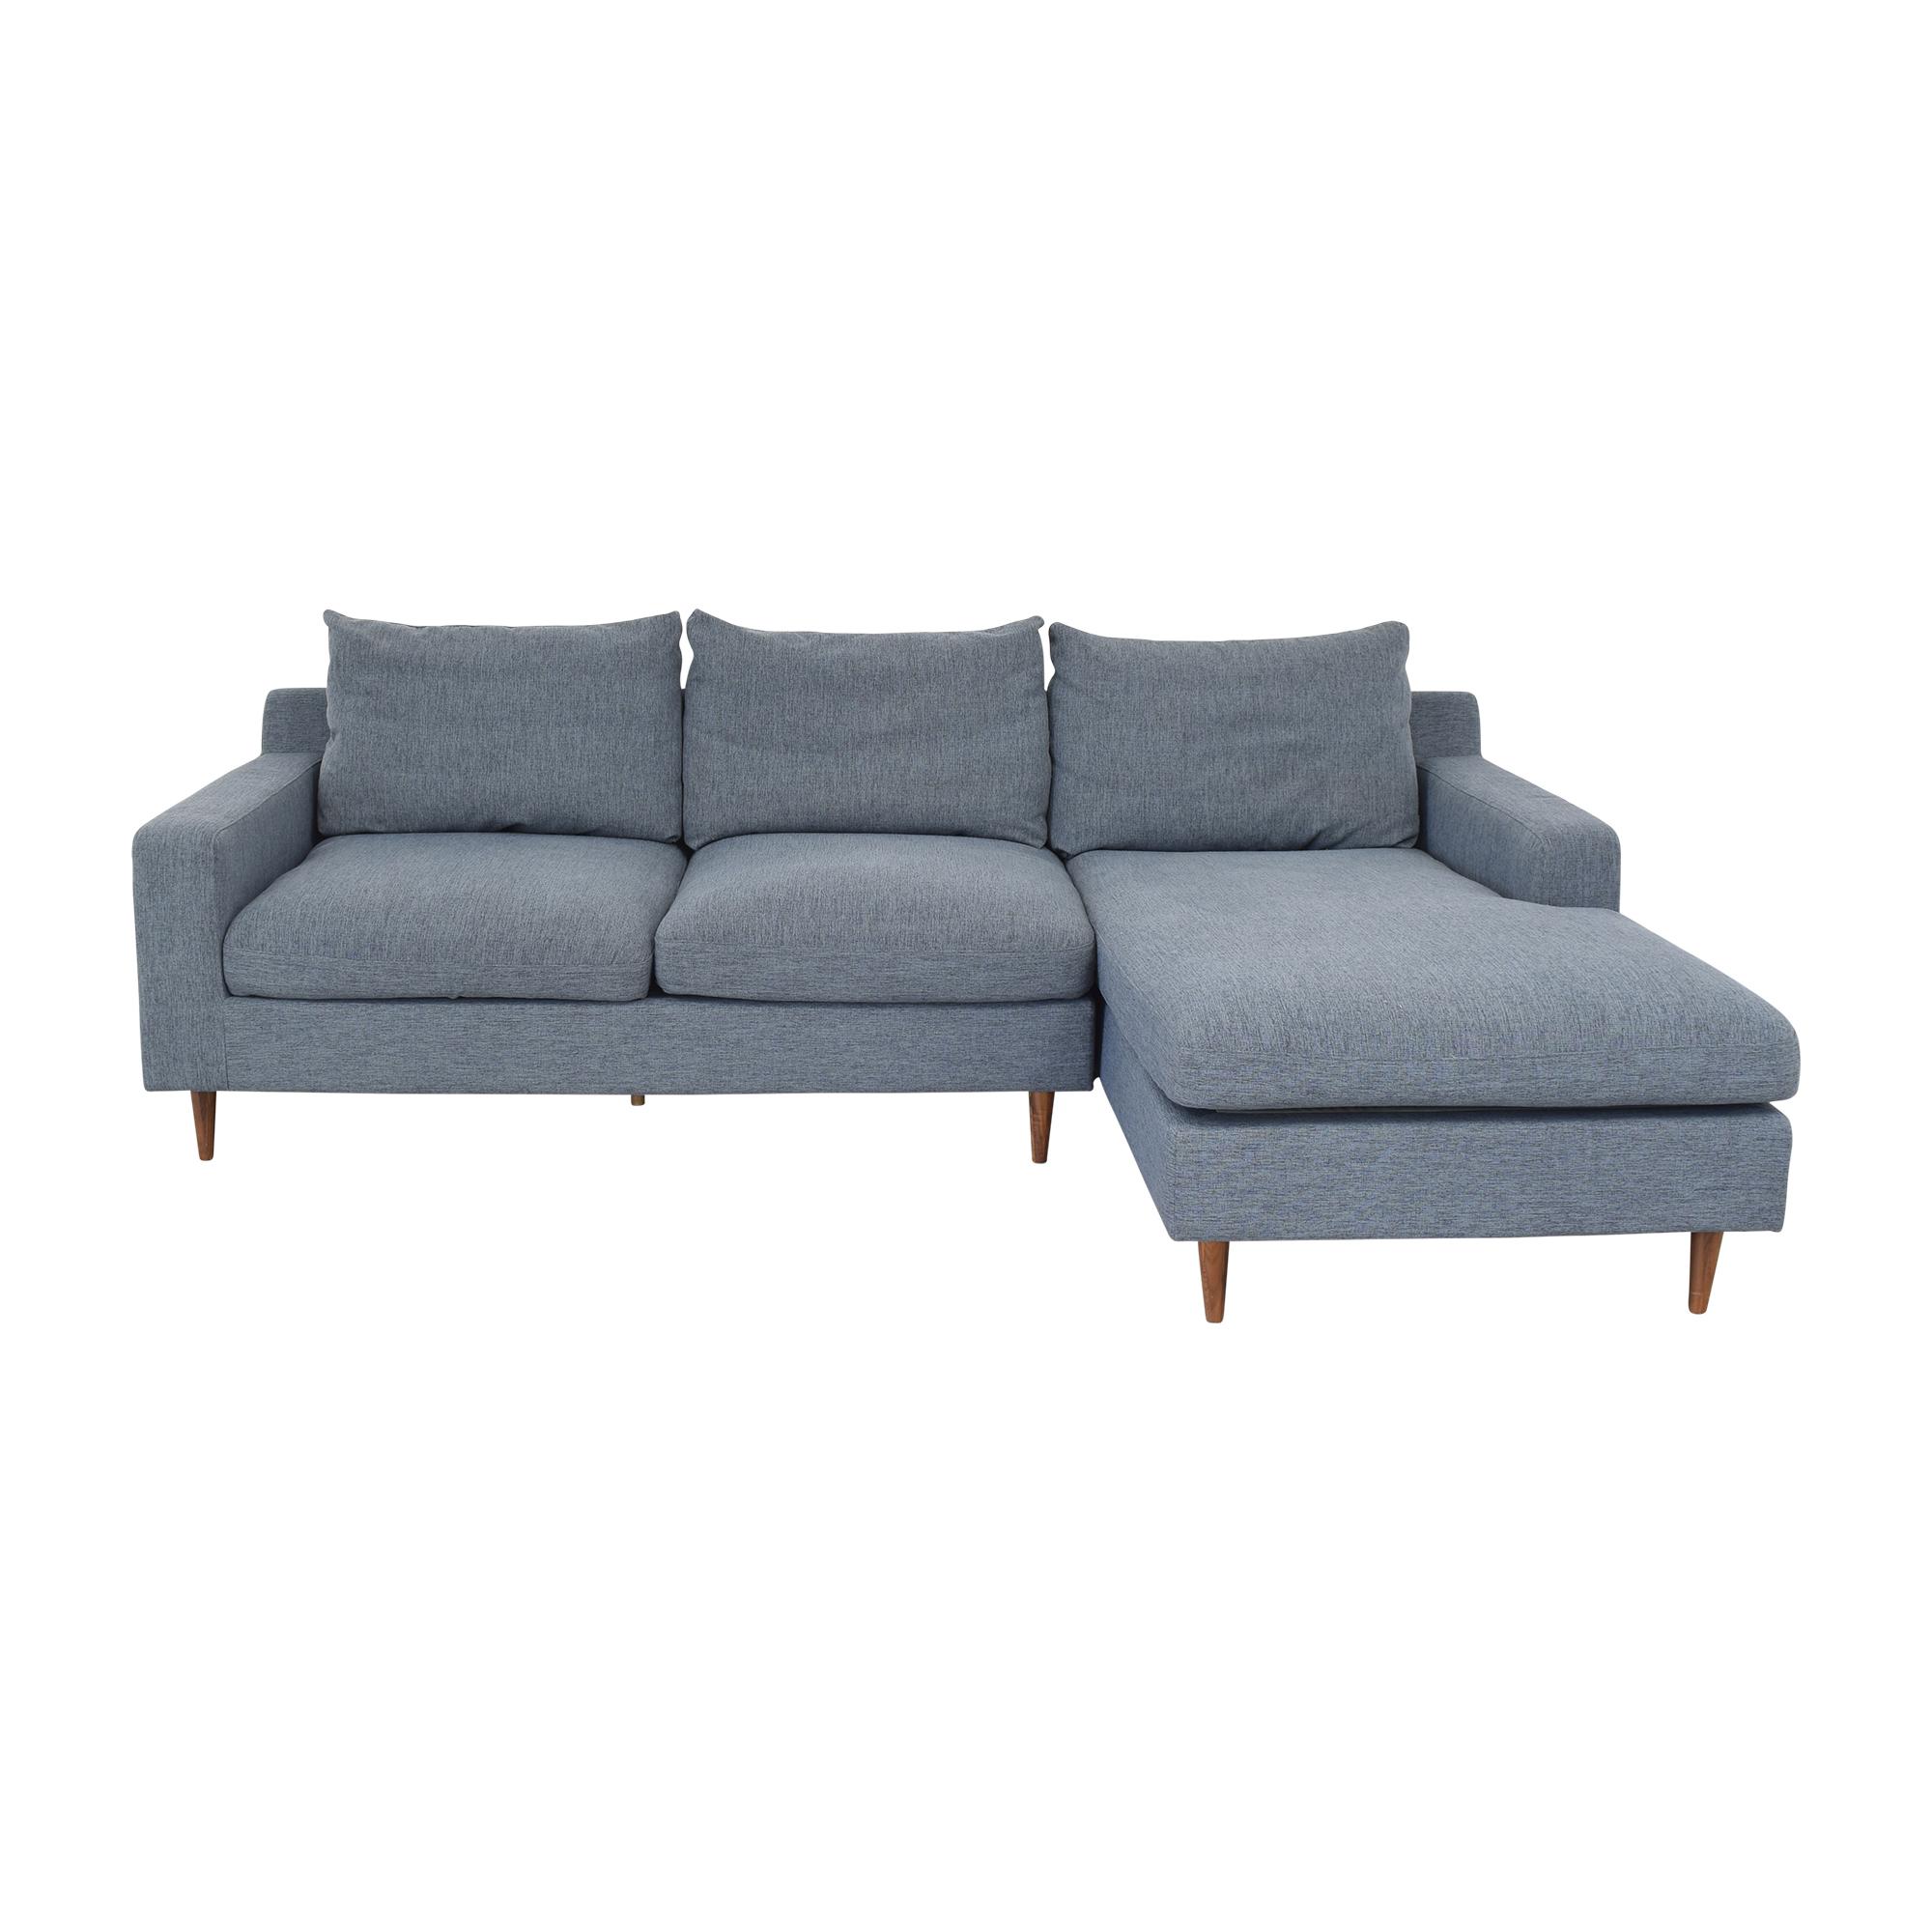 Interior Define Interior Define Sloane Right Chaise Sectional Sofa